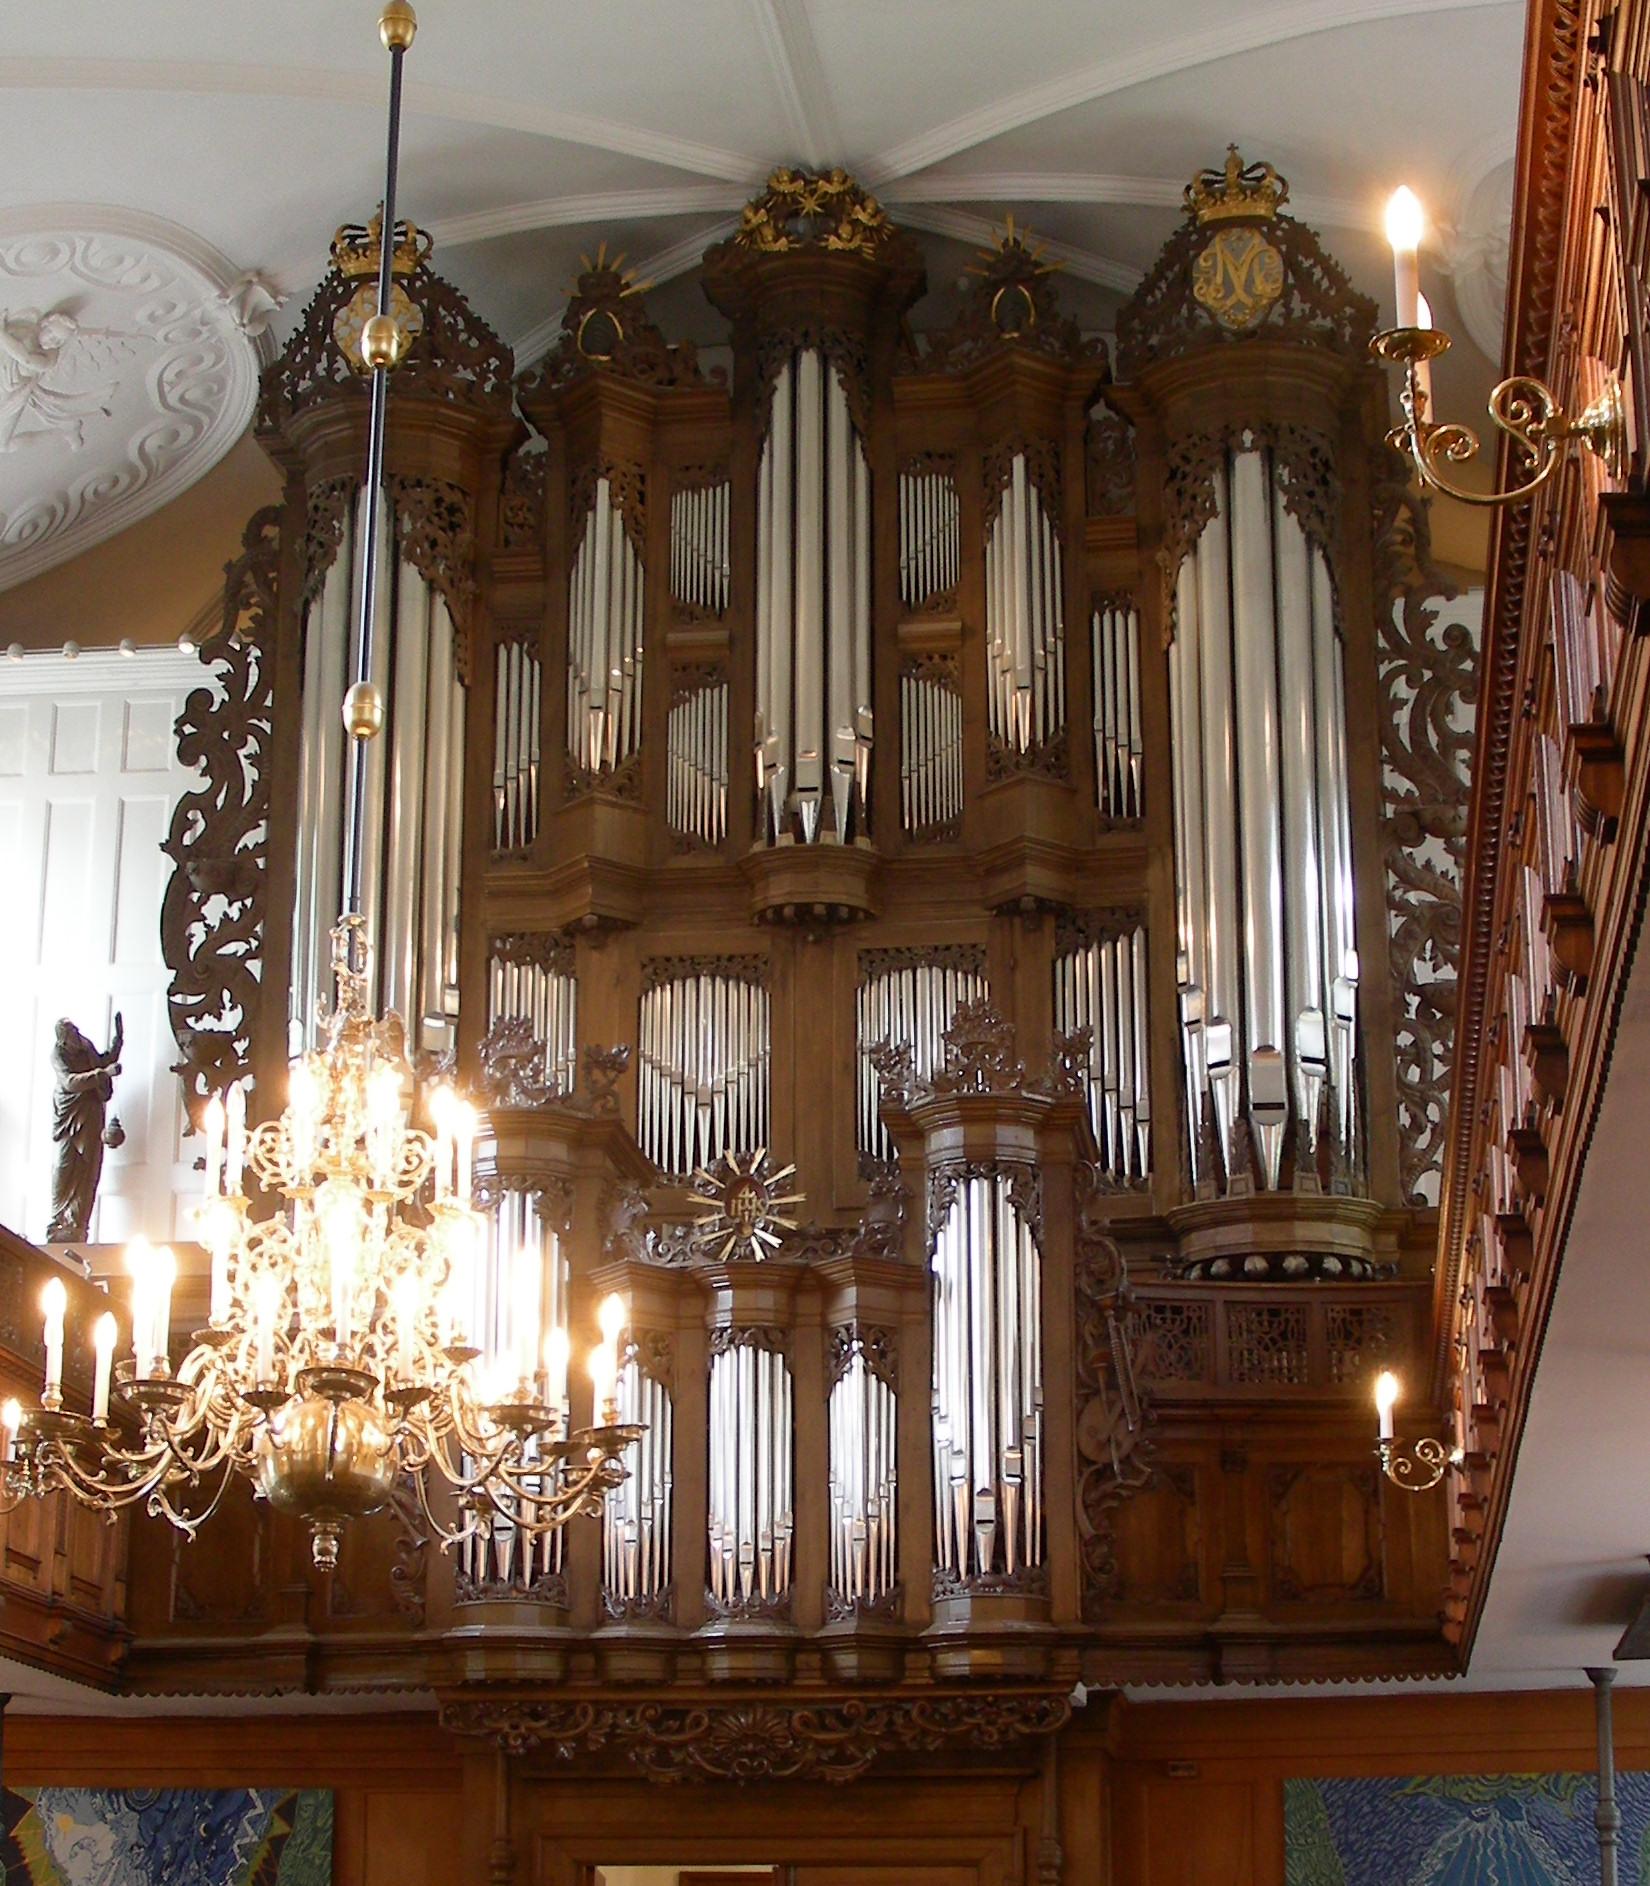 File:Holmens Kirke Copenhagen organ.jpg - Wikimedia Commons